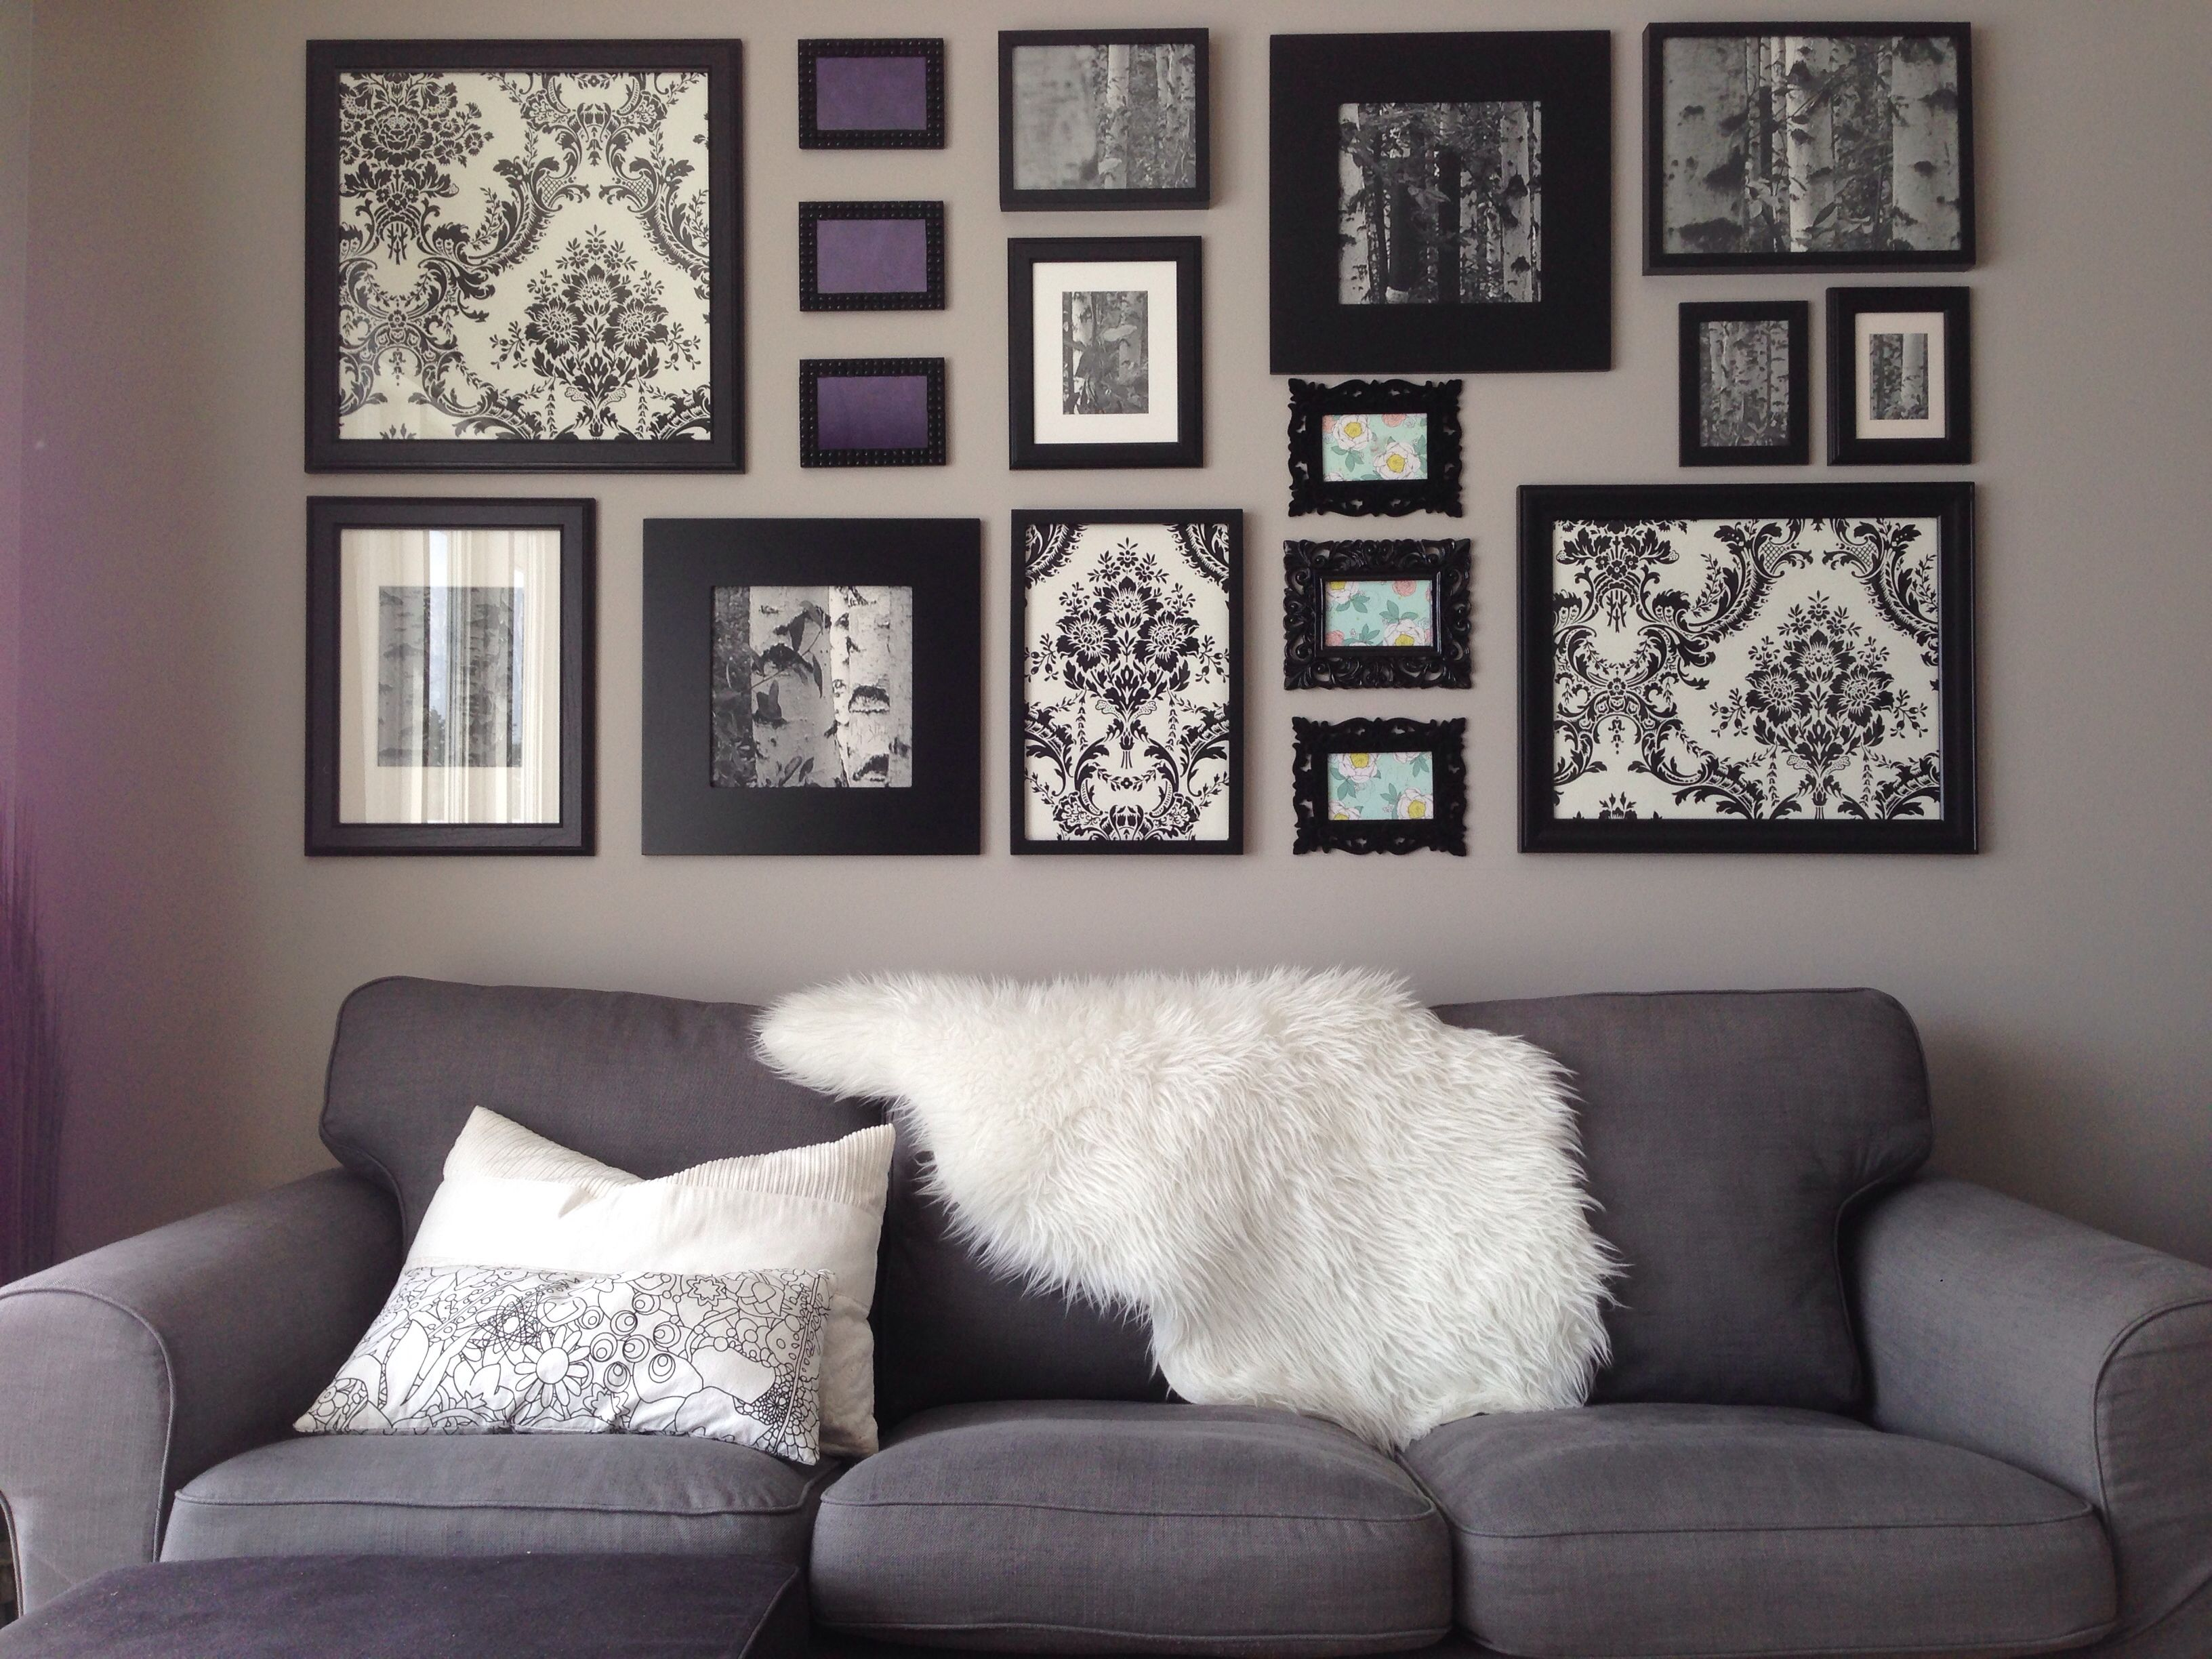 Une décoration de salon qui fait un rappel de chaque pièce de la maison. J'adore la touche turquoise!!